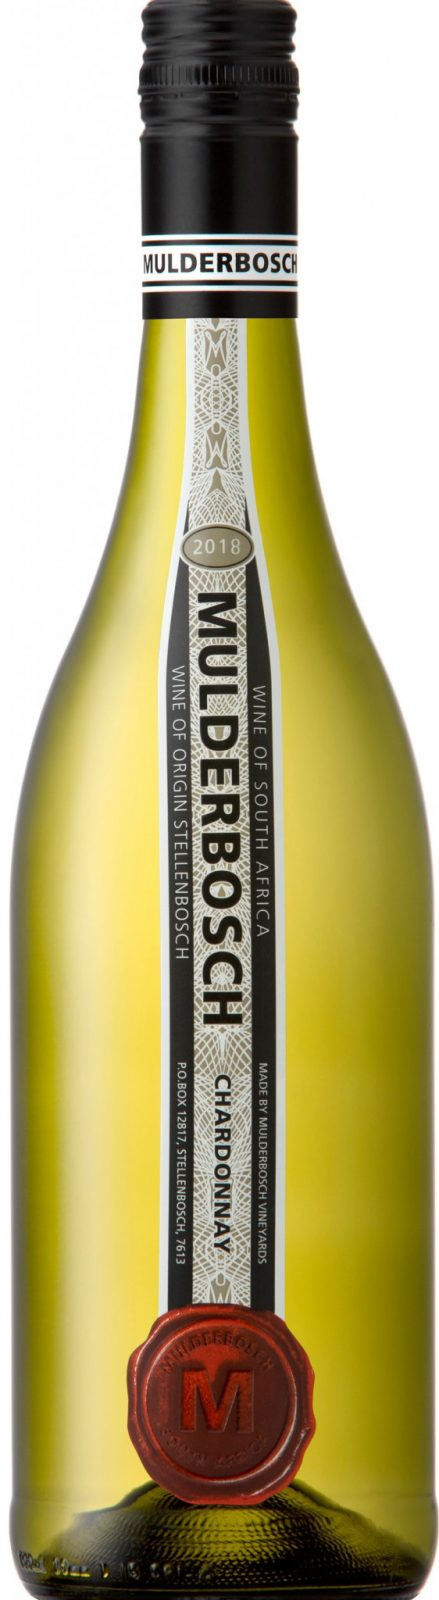 Mulderbosch Chardonnay - wineaffair